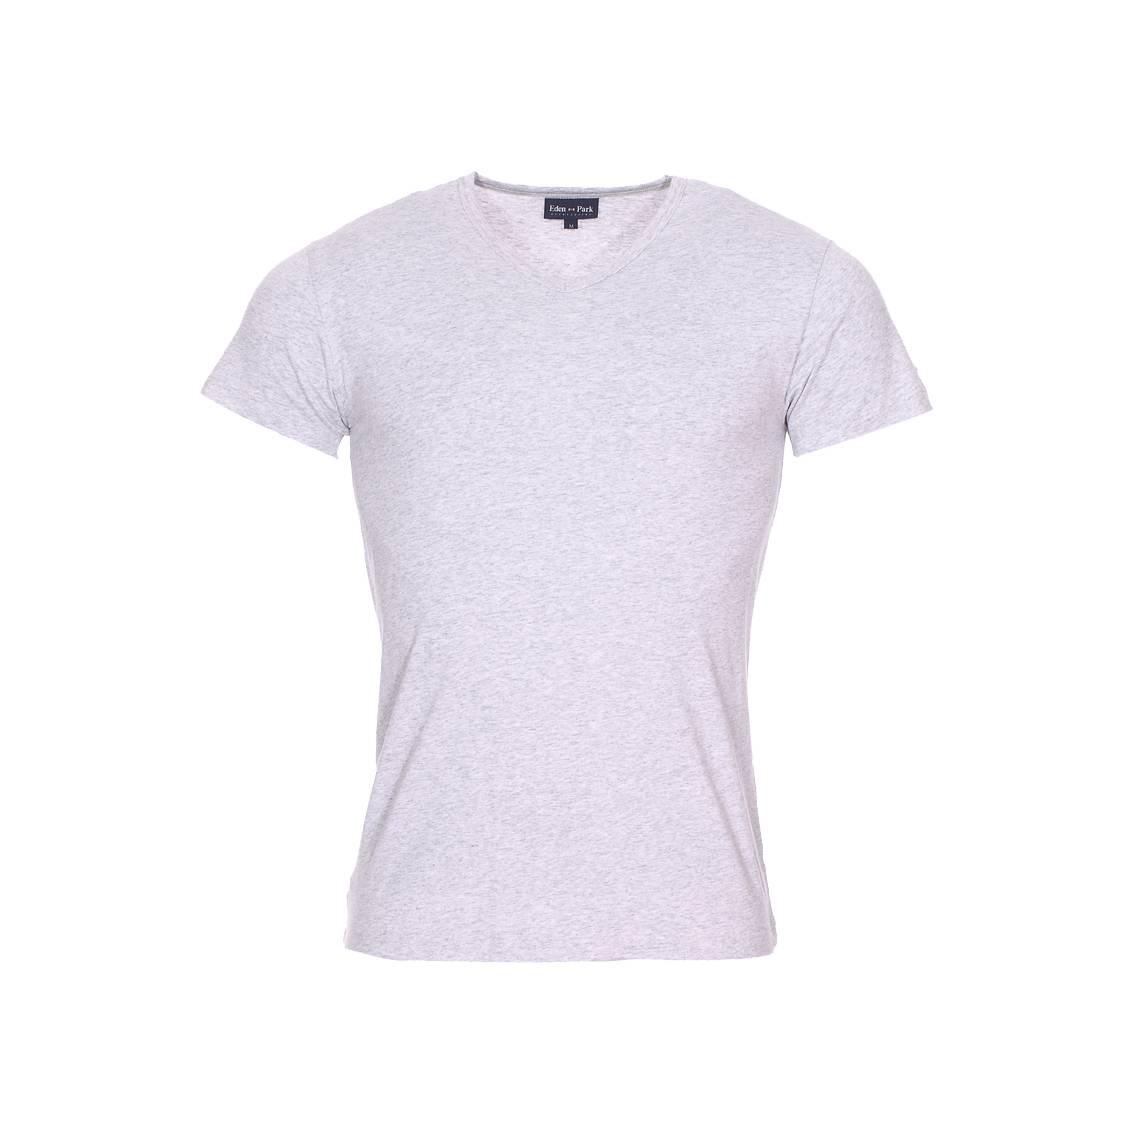 Tee-shirt col v eden park en coton stretch gris chiné